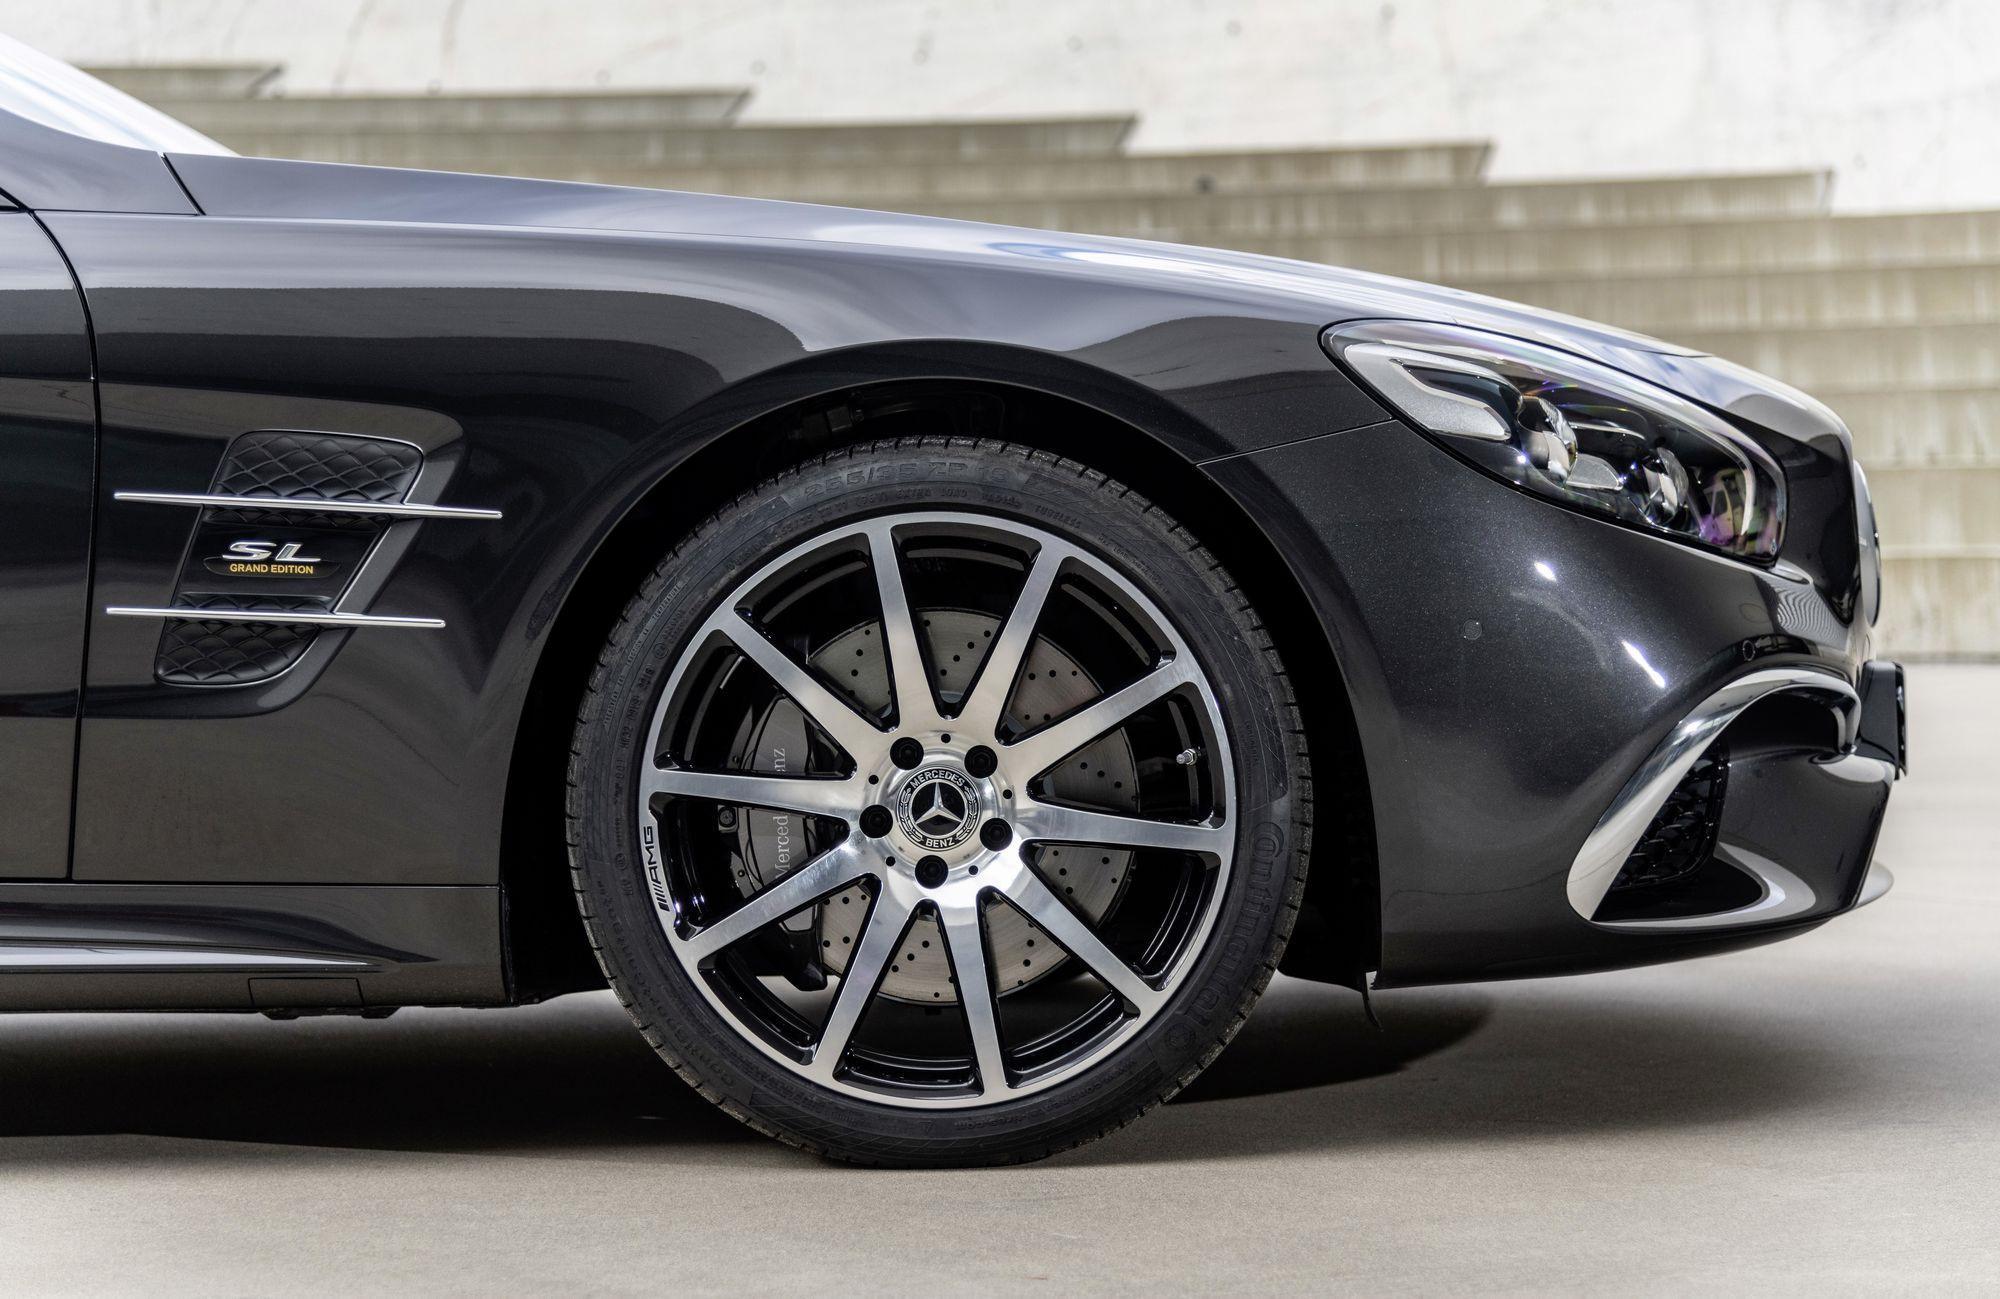 Mui trần hạng sang Mercedes-Benz SL Grand Edition giá từ 130.000 USD Ảnh 2